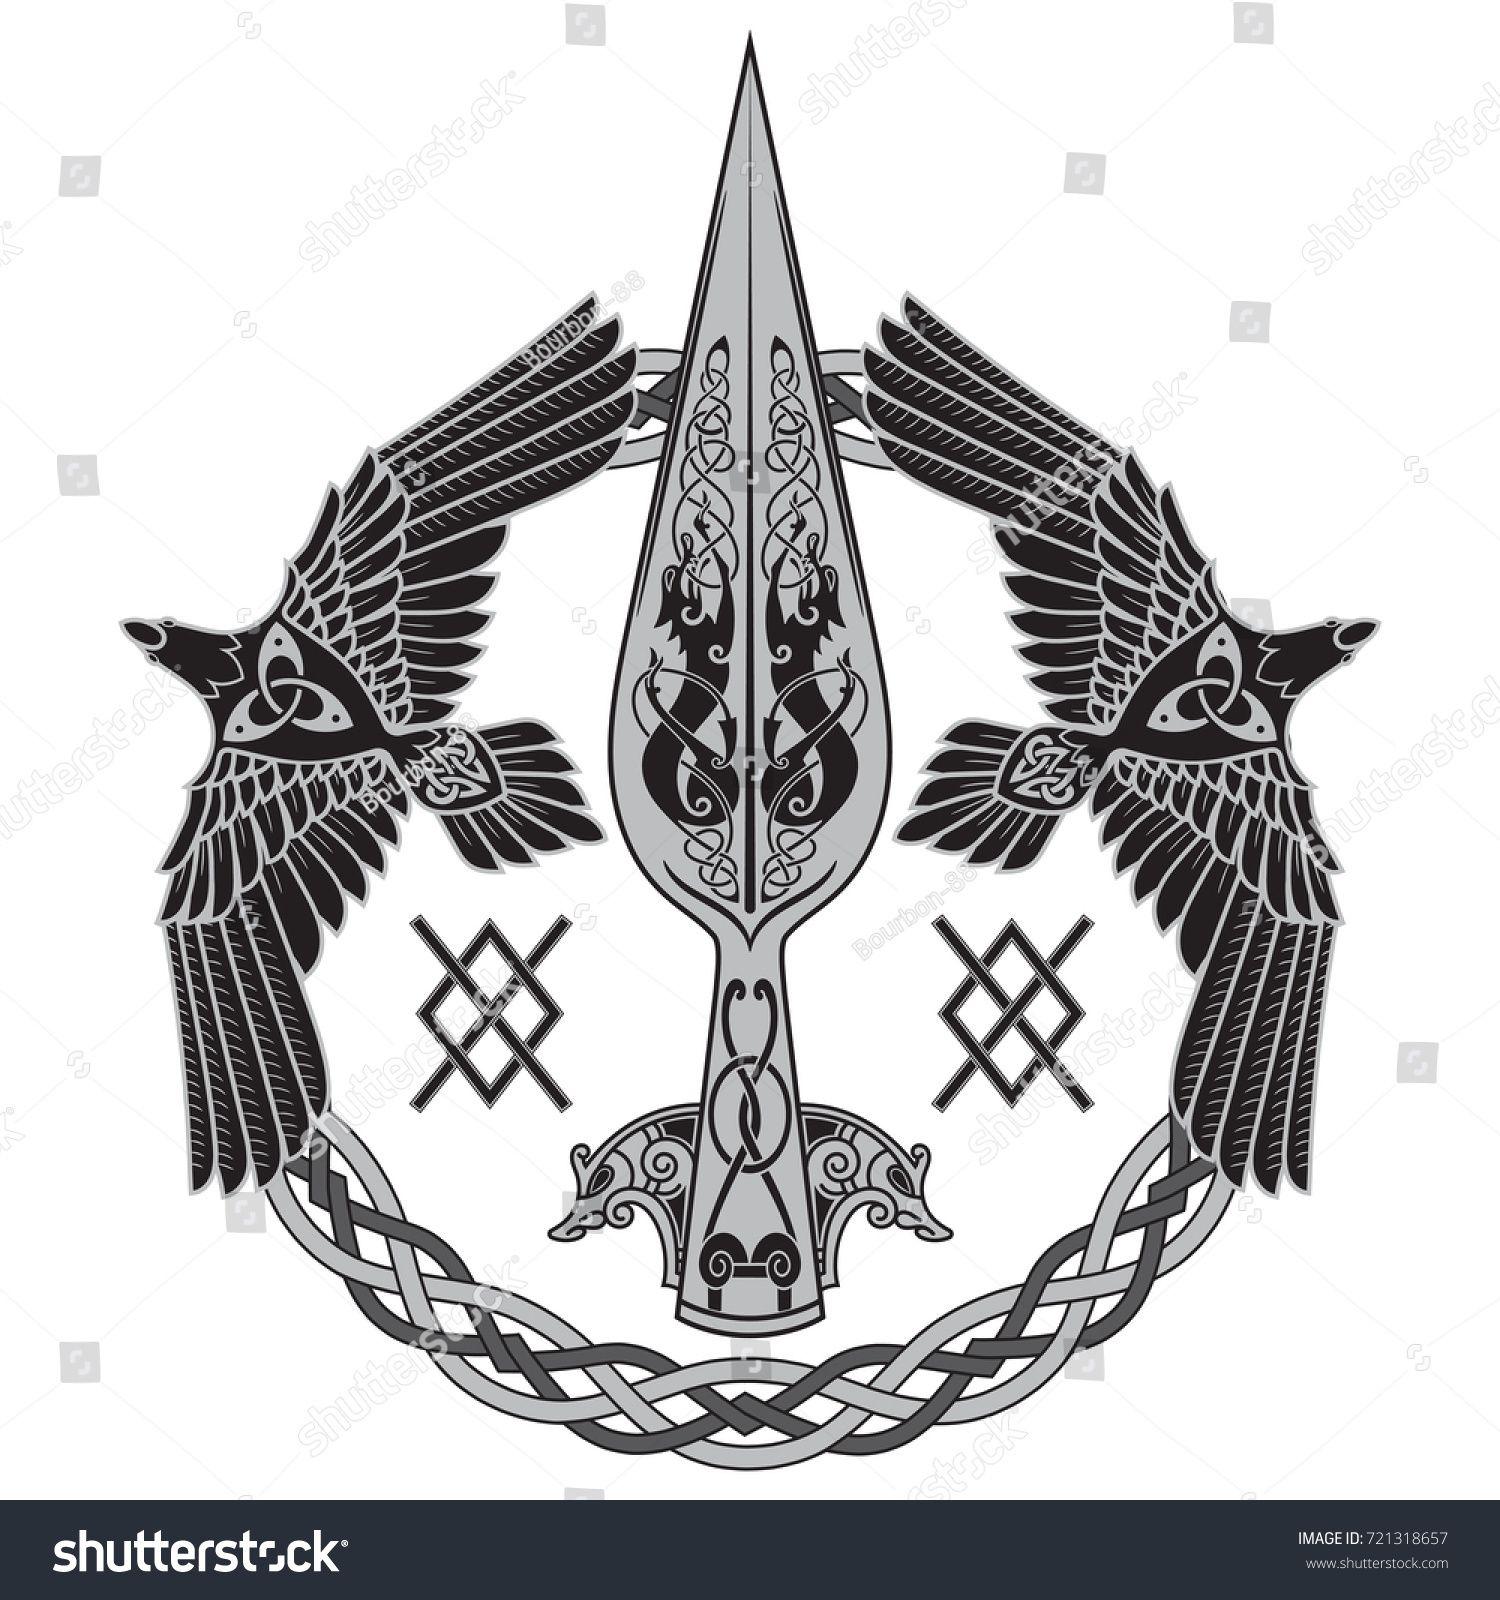 Der Speer des Gottes Odin - Stock-Vektorgrafik (Lizenzfrei) 721318657